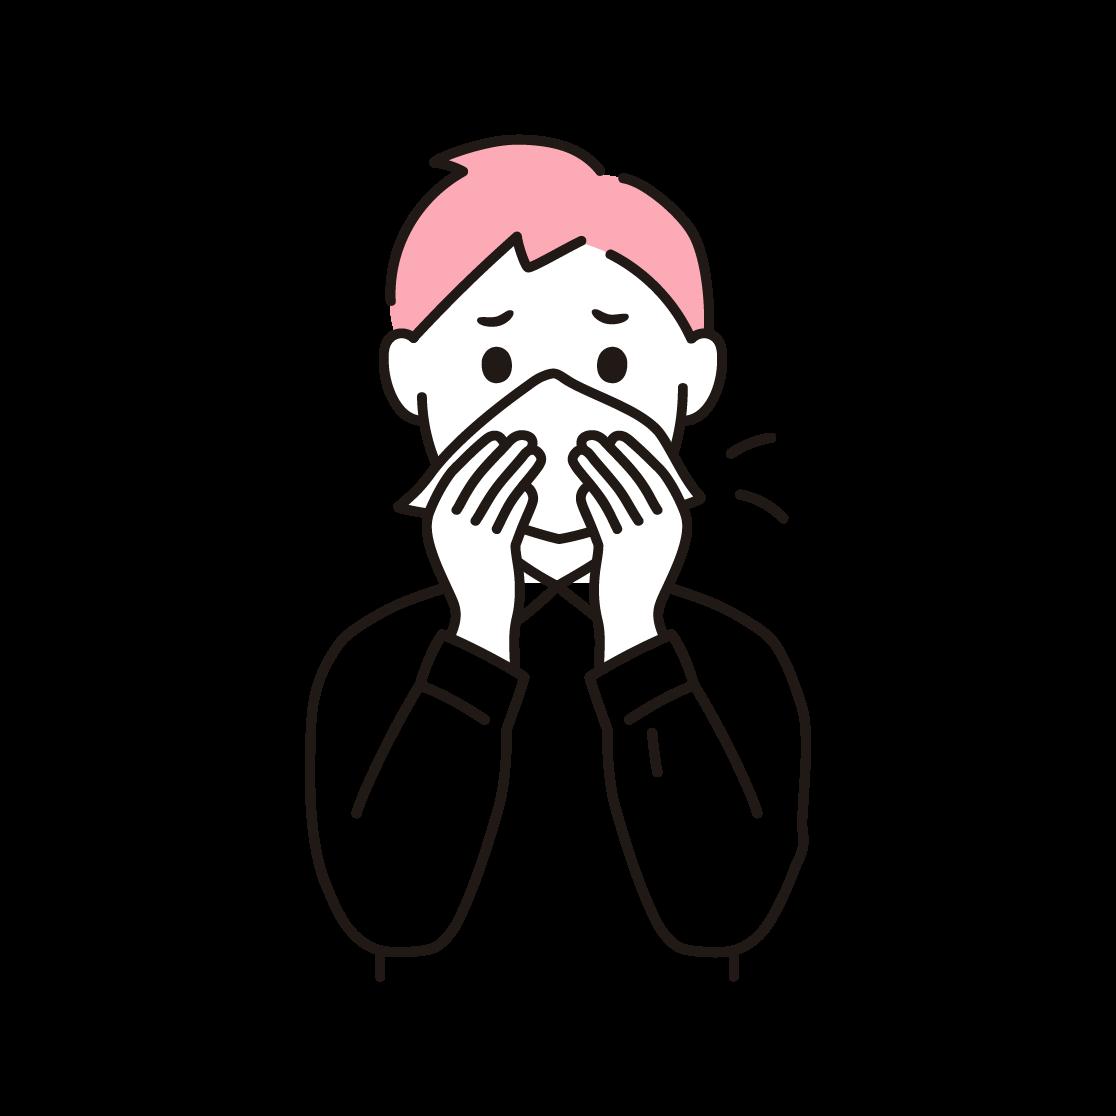 鼻をかむ男性の単色イラスト